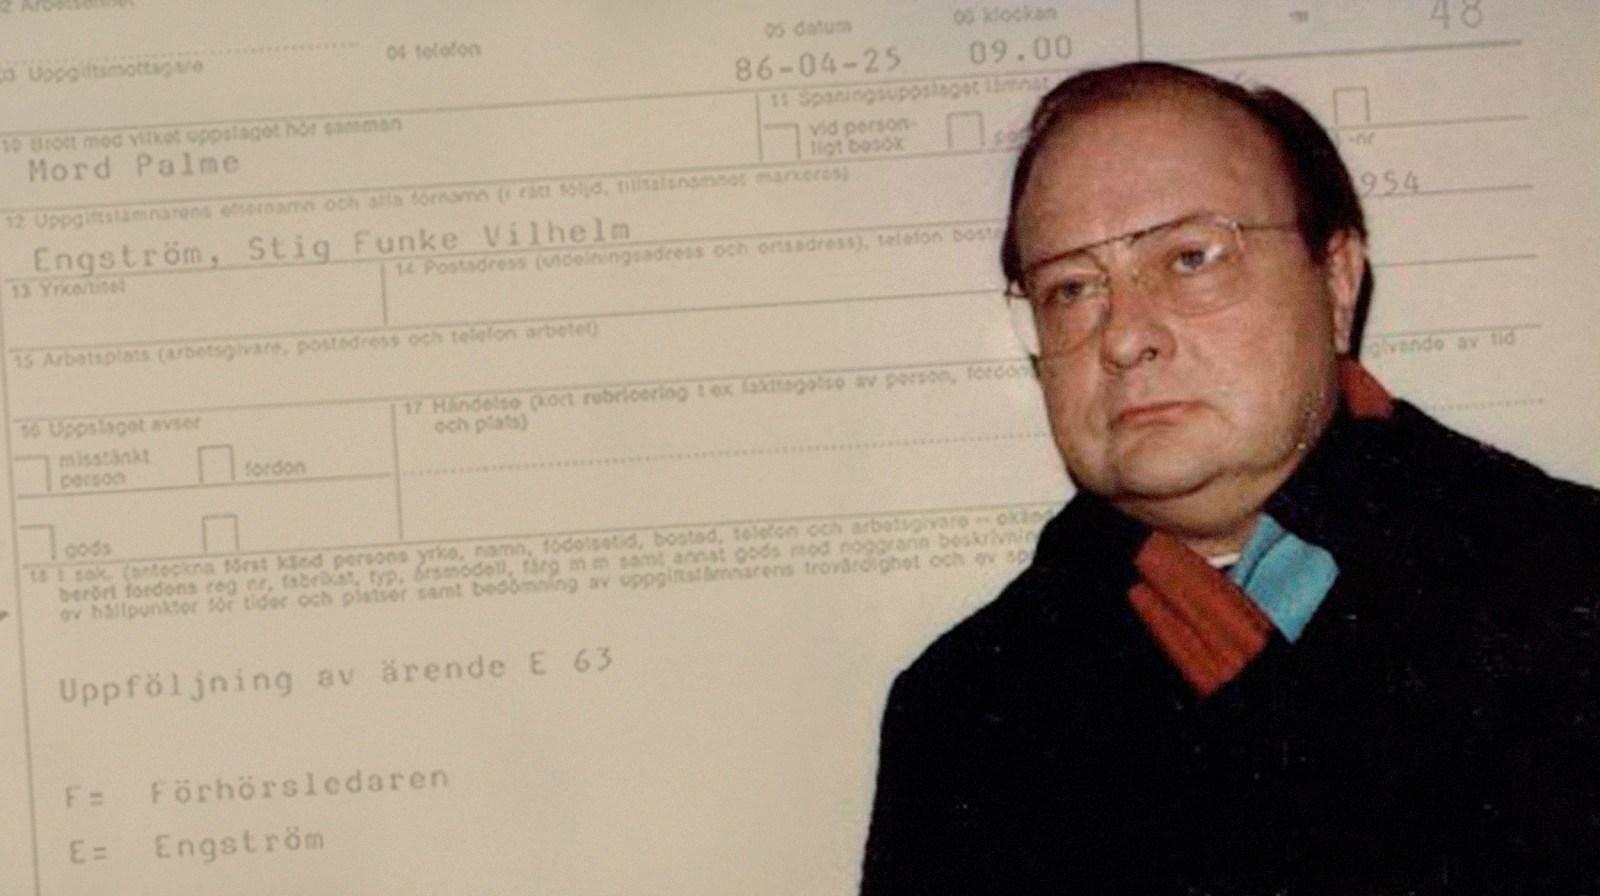 Skandiamannen Stig Engström pekas ut som Olof Palmes mördare.